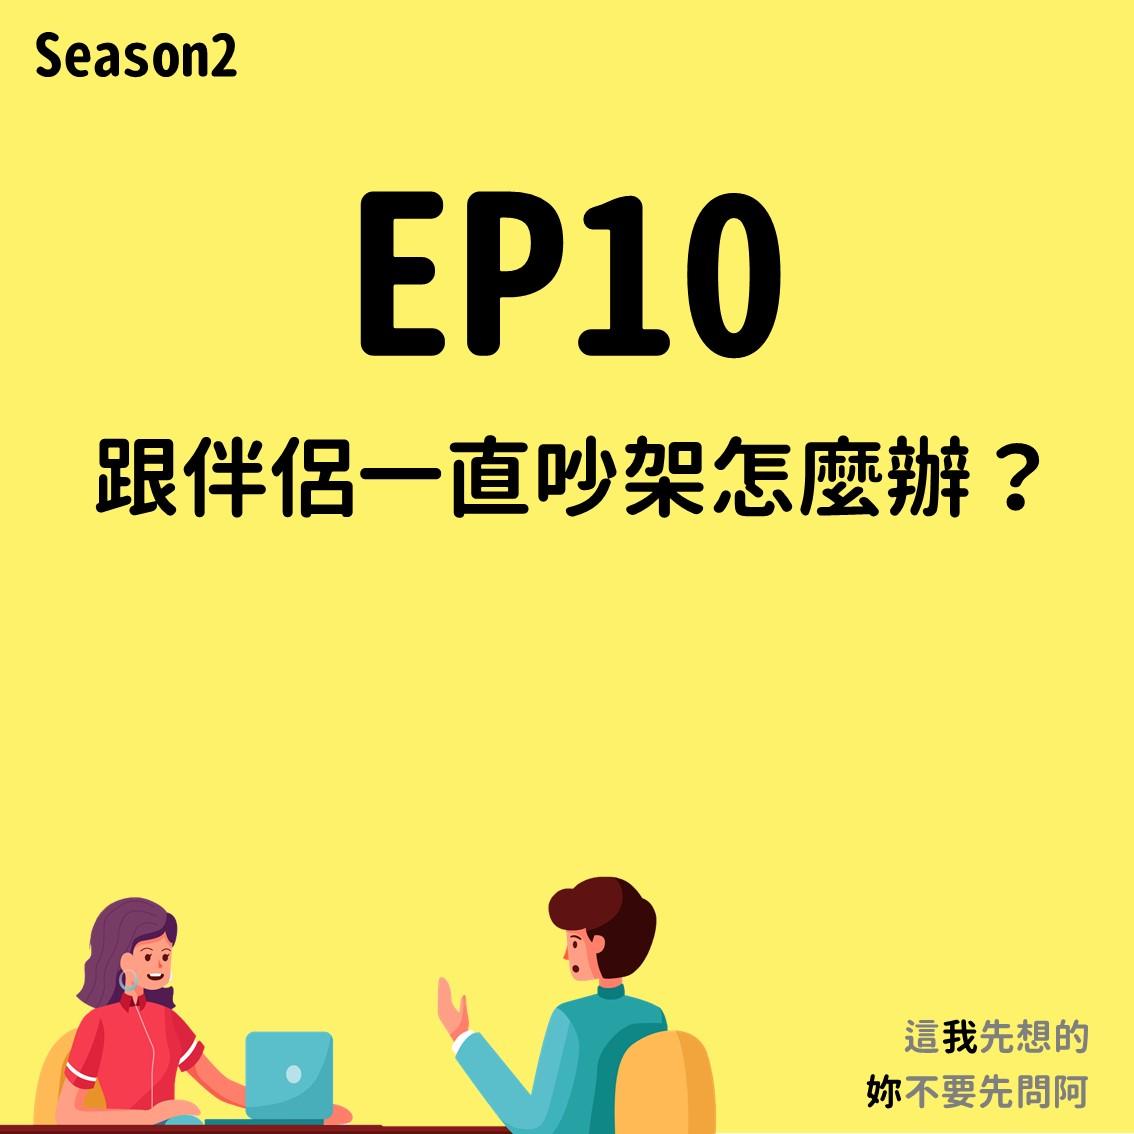 EP10 跟伴侶一直吵架怎麼辦?